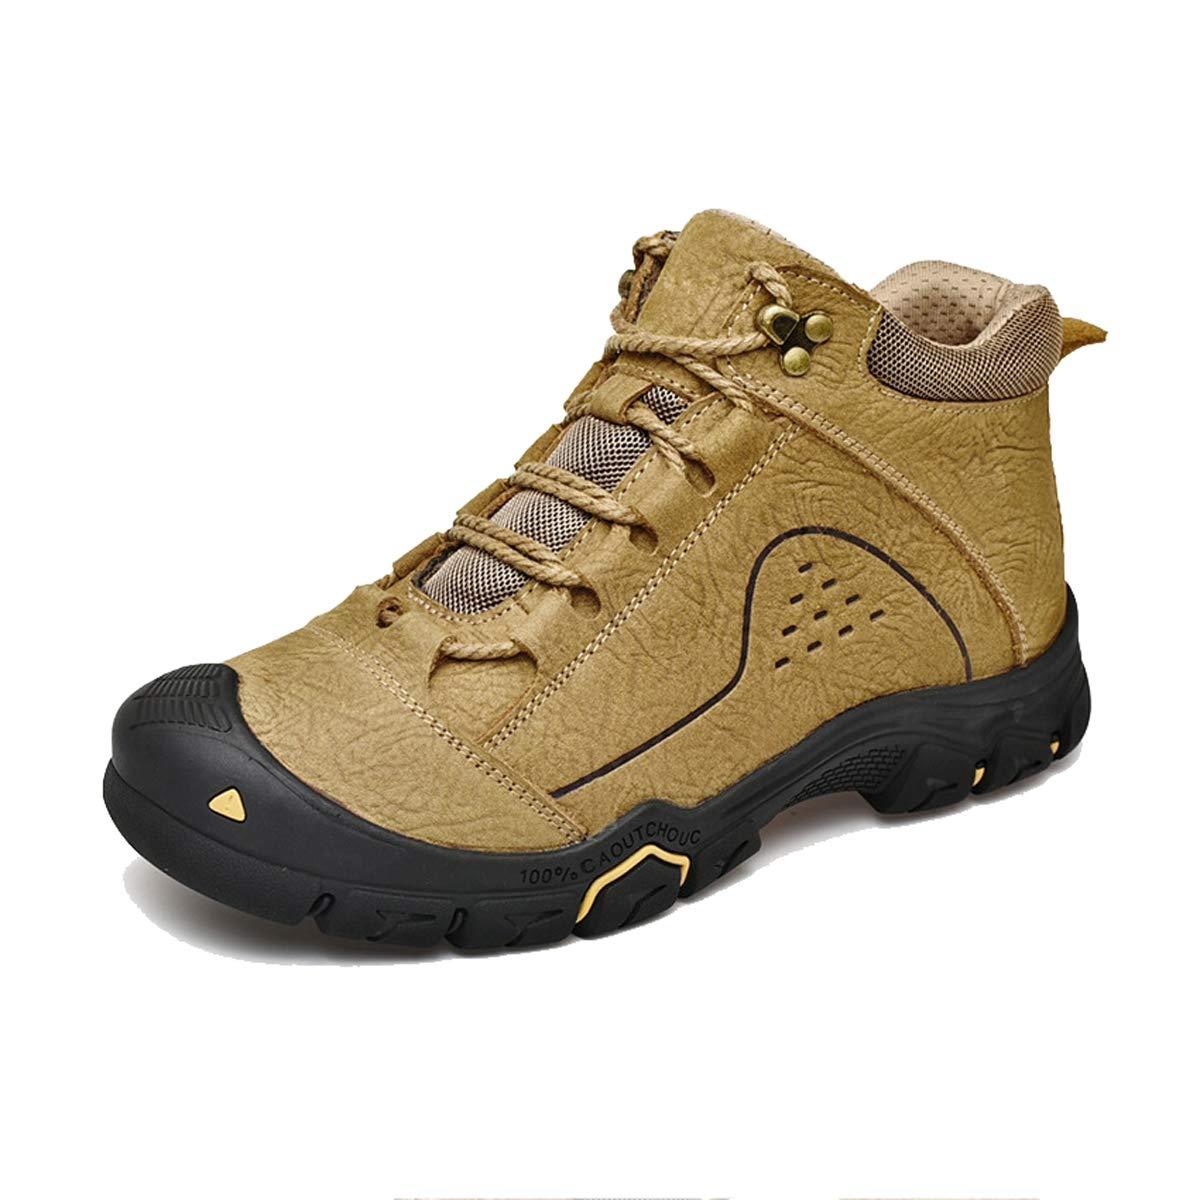 B GDXH Nouvelles Chaussures,Mens Chaussures de randonnée Jungle Trekking Chaussures Lacets Chaussures imperméables Chaussures Basses-Haut 42EU